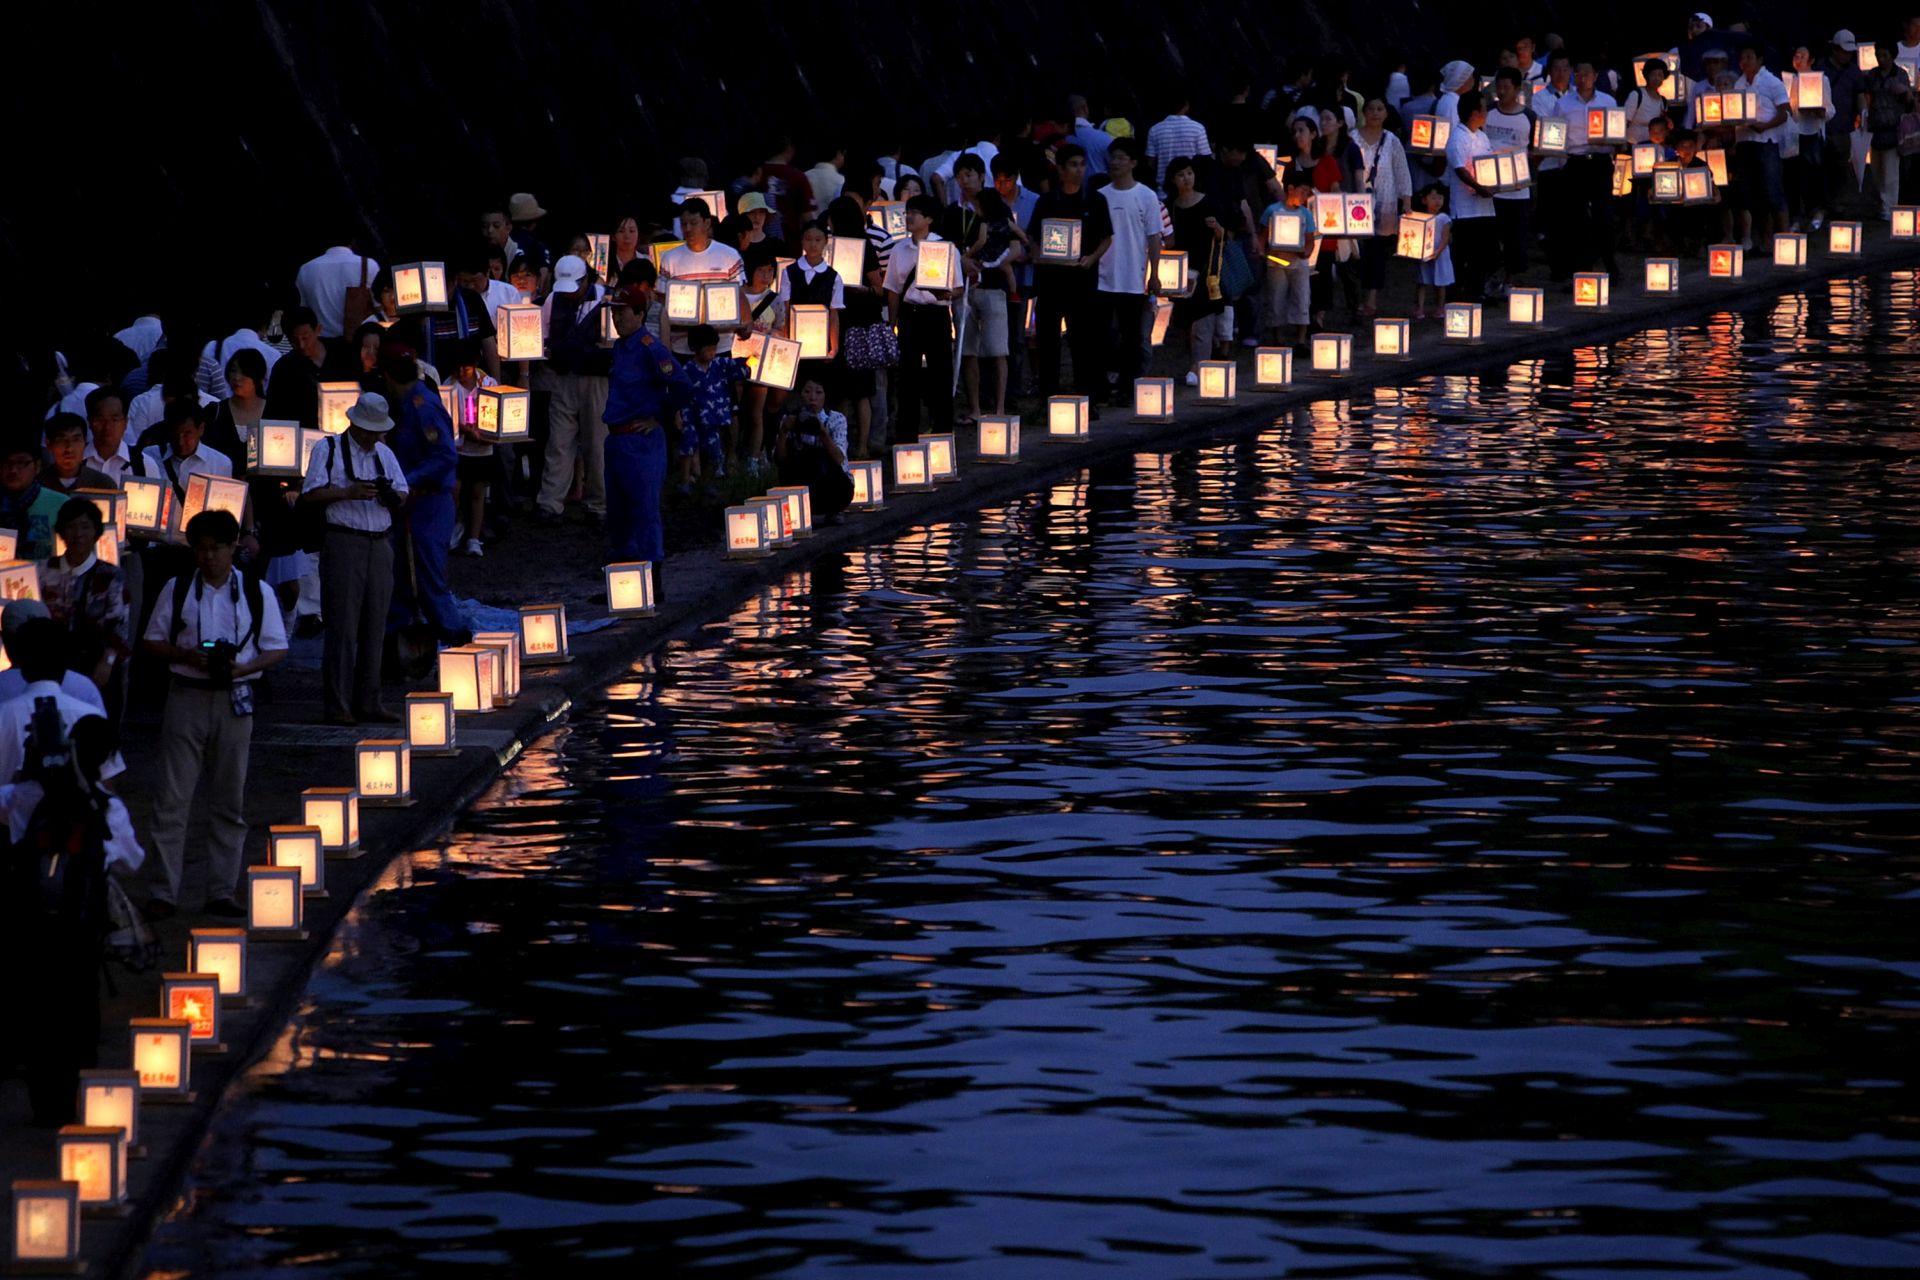 70 GODINA KASNIJE Nagasaki se prisjeća 74 000 ubijenih u atomskom napadu